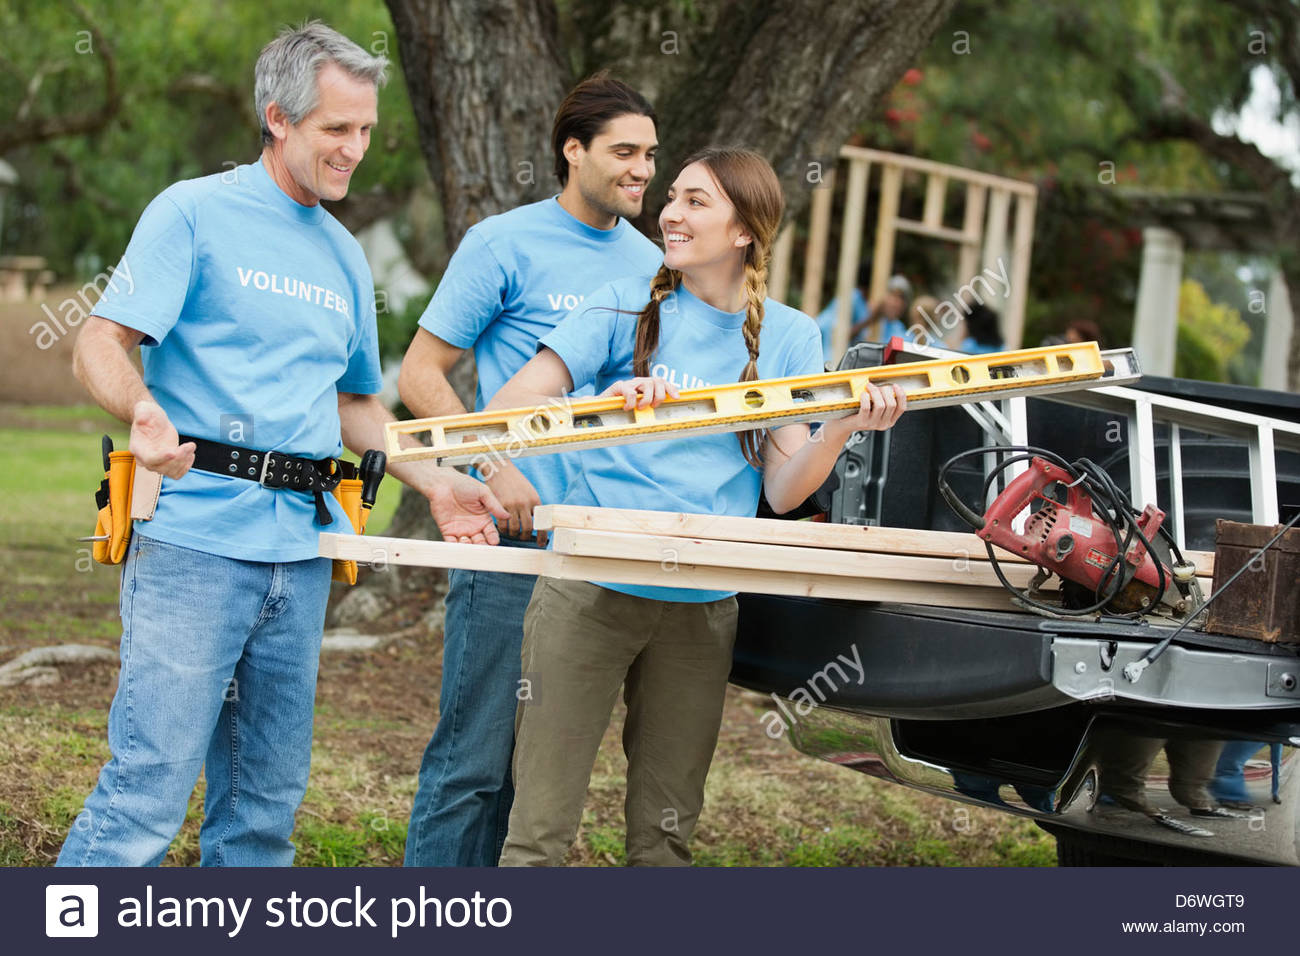 Tre volontari di scarico strumenti di lavoro dal veicolo in stazionamento Immagini Stock